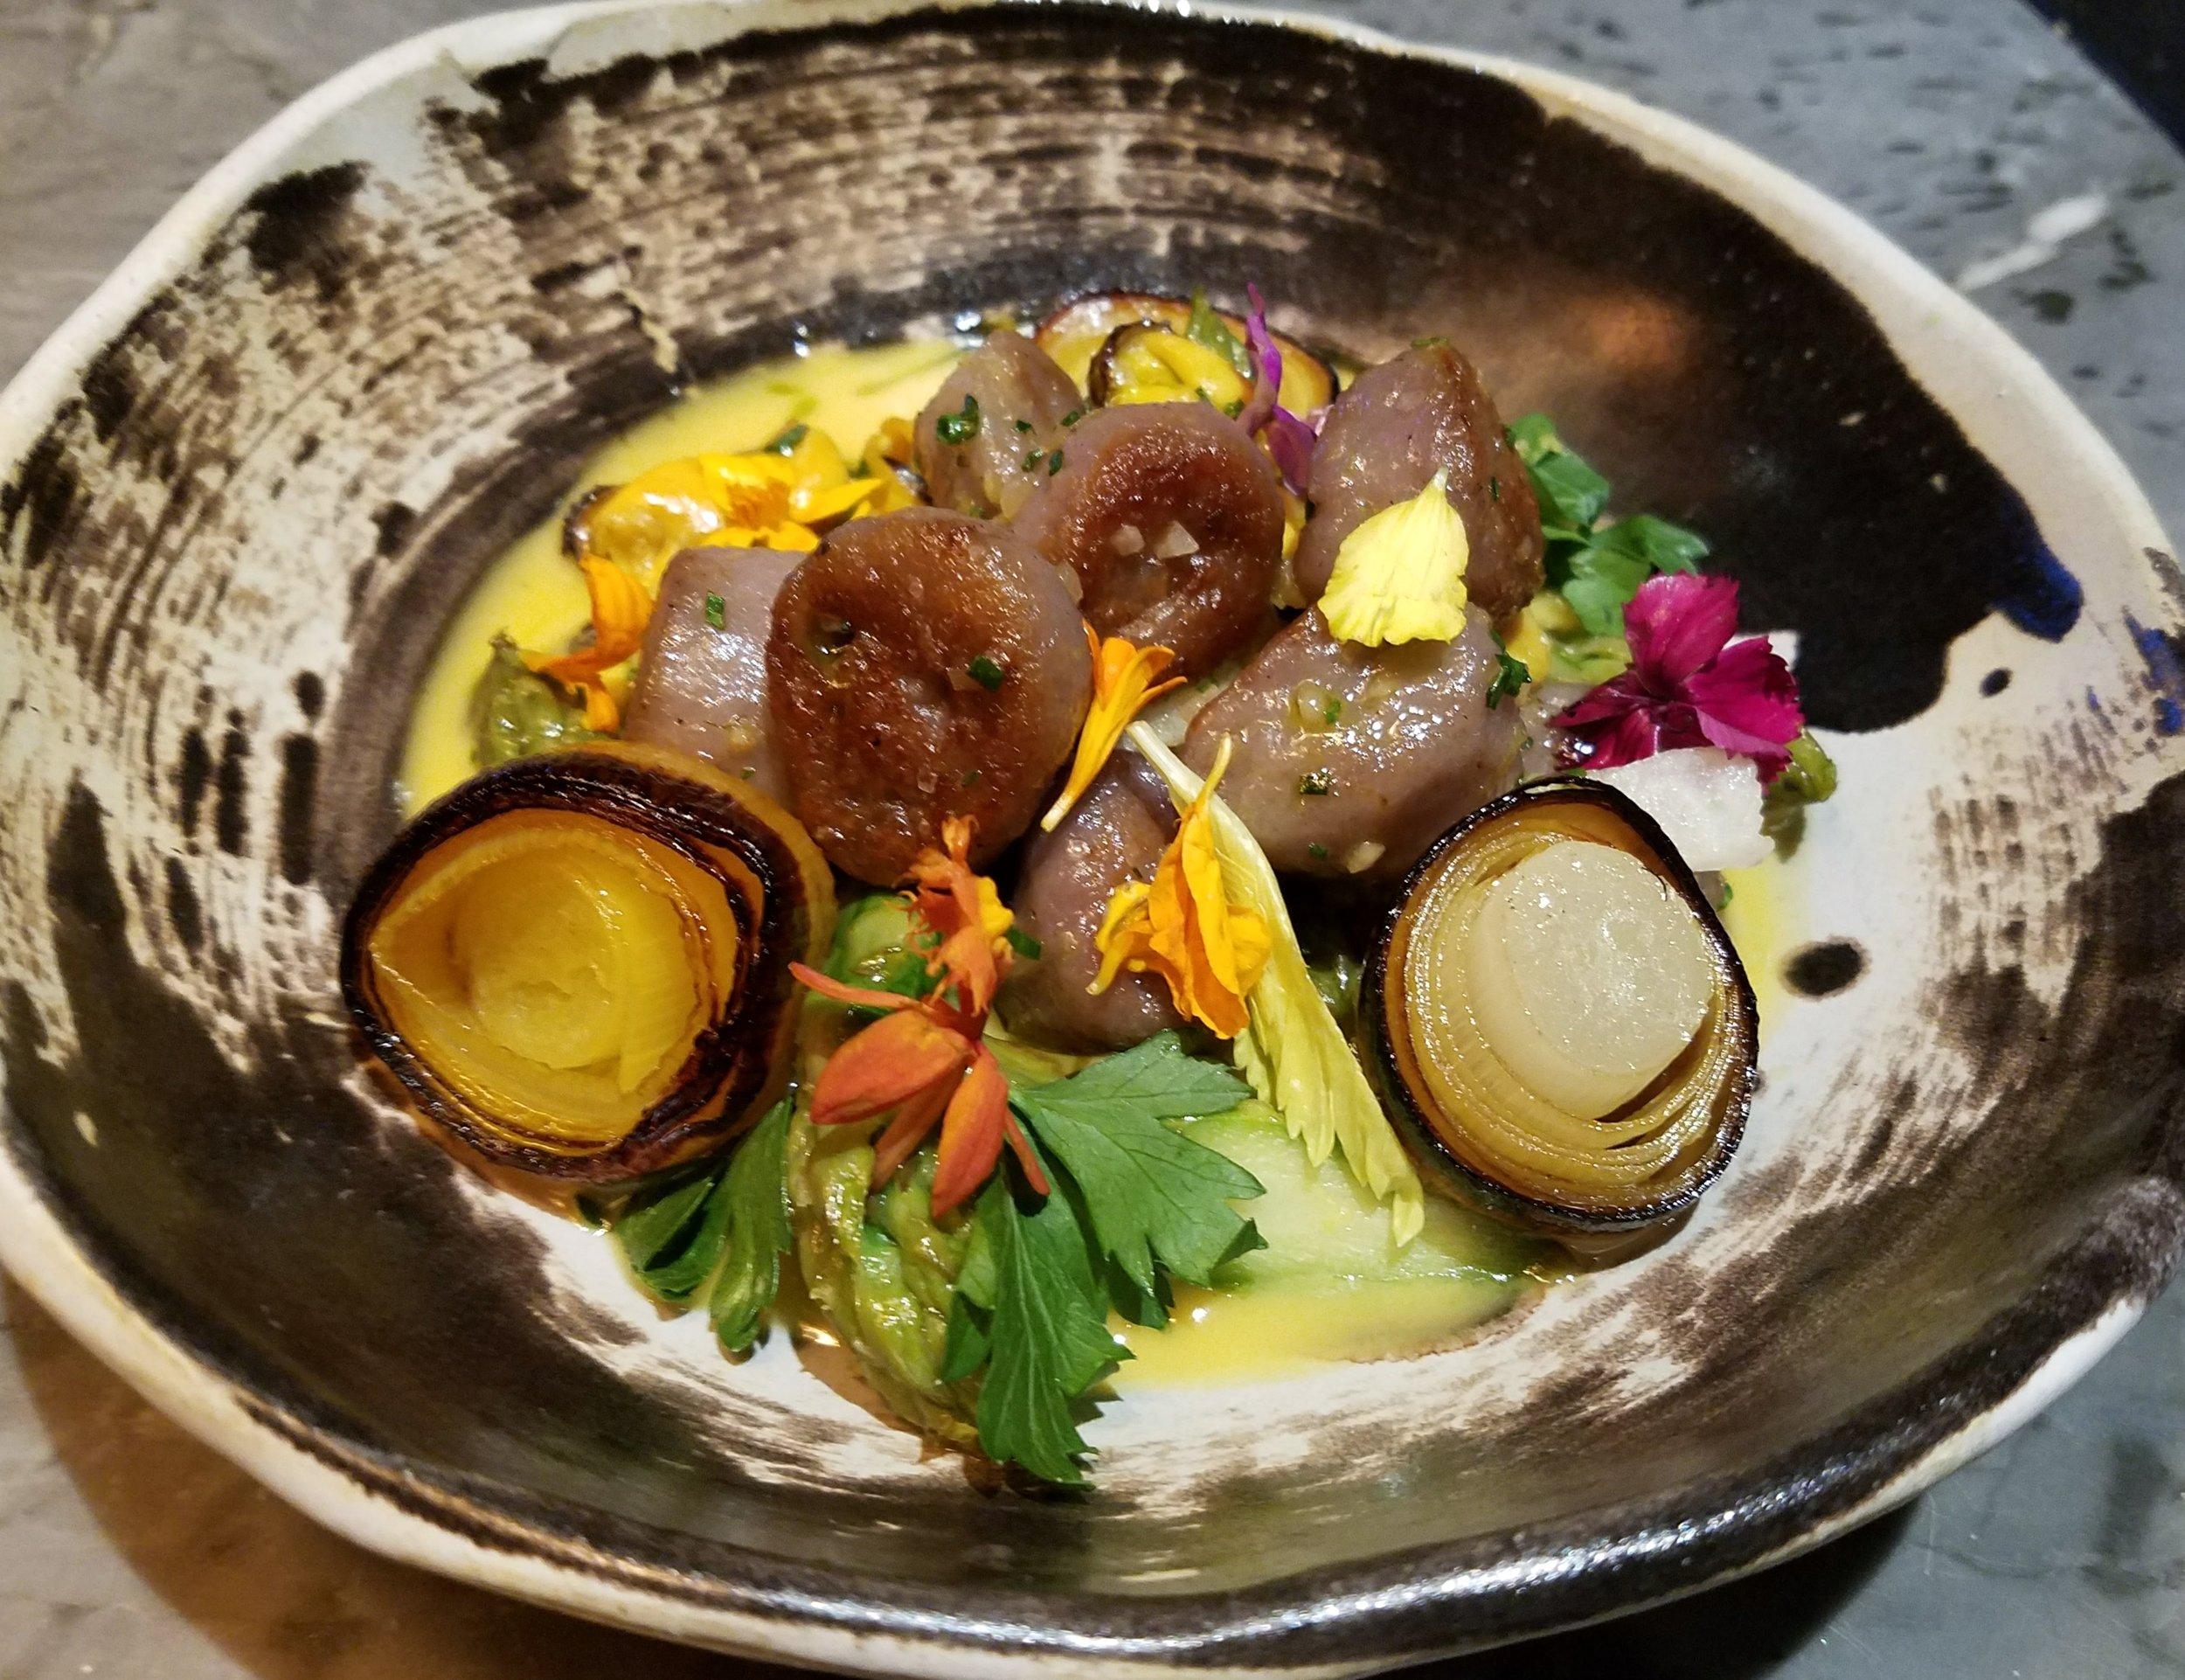 Purple potato gnocchi with saffron-poached mussels, charred leeks, asparagus, and a saffron beurre blanc